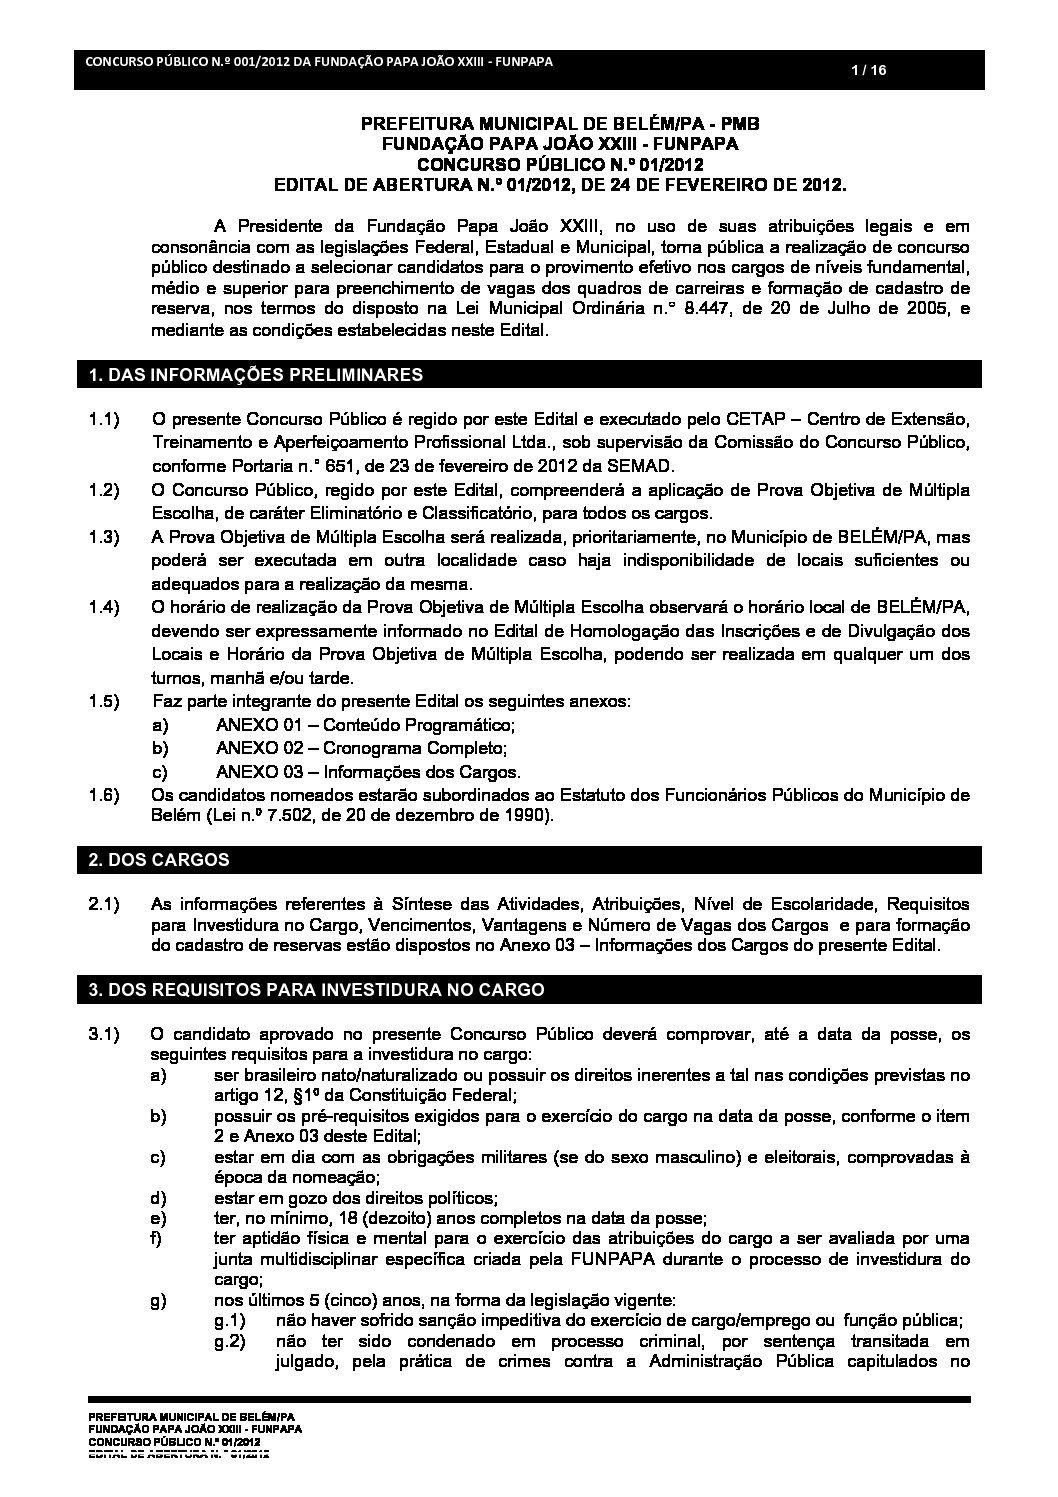 Edital-Concurso-Funpapa-pdf